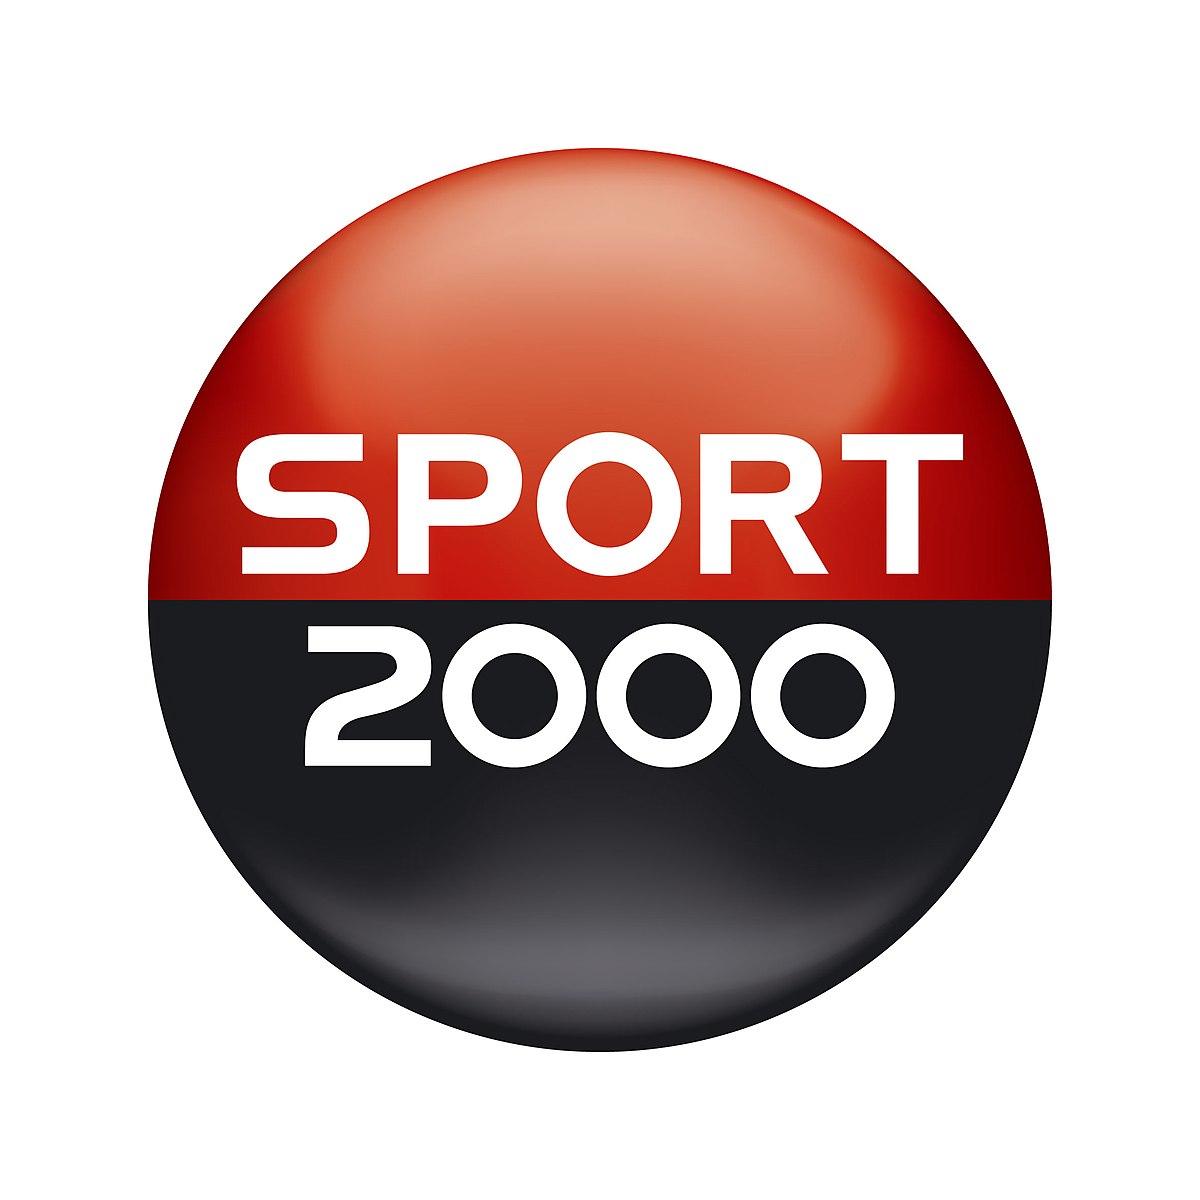 Sport 2000 – Wikipedia